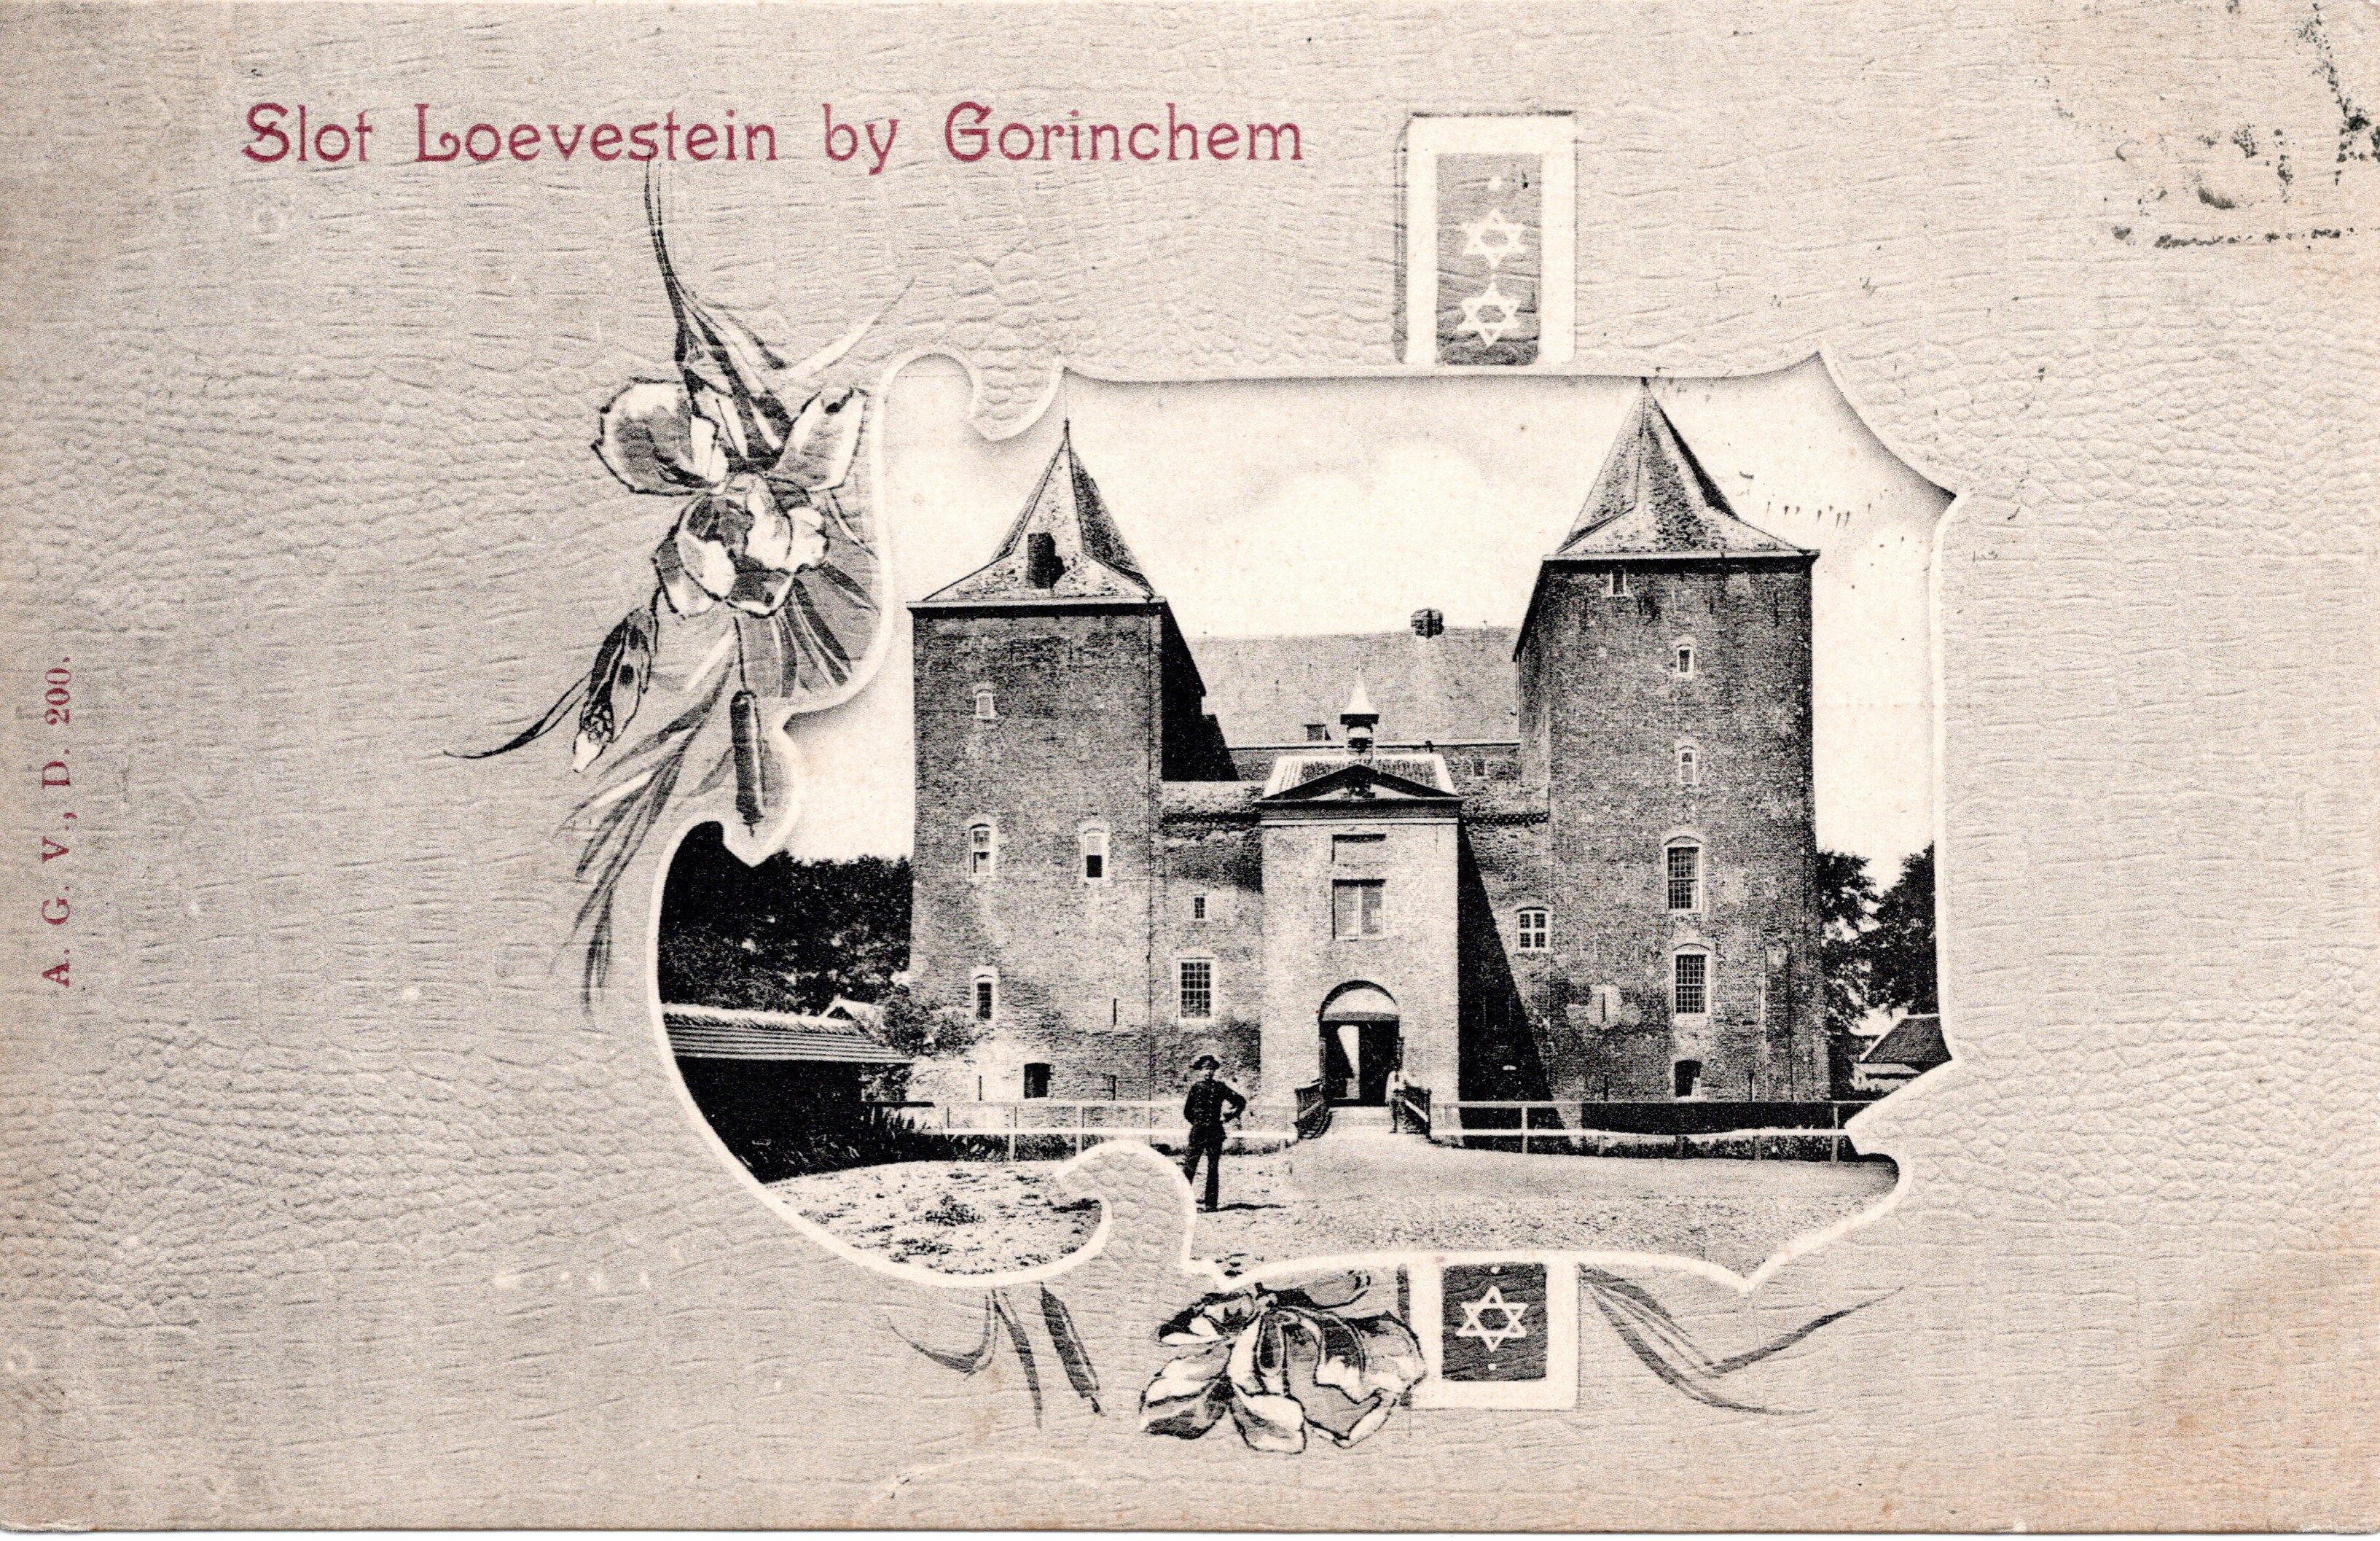 B27-Slot-Loevestein-by-Gorinchem-1902